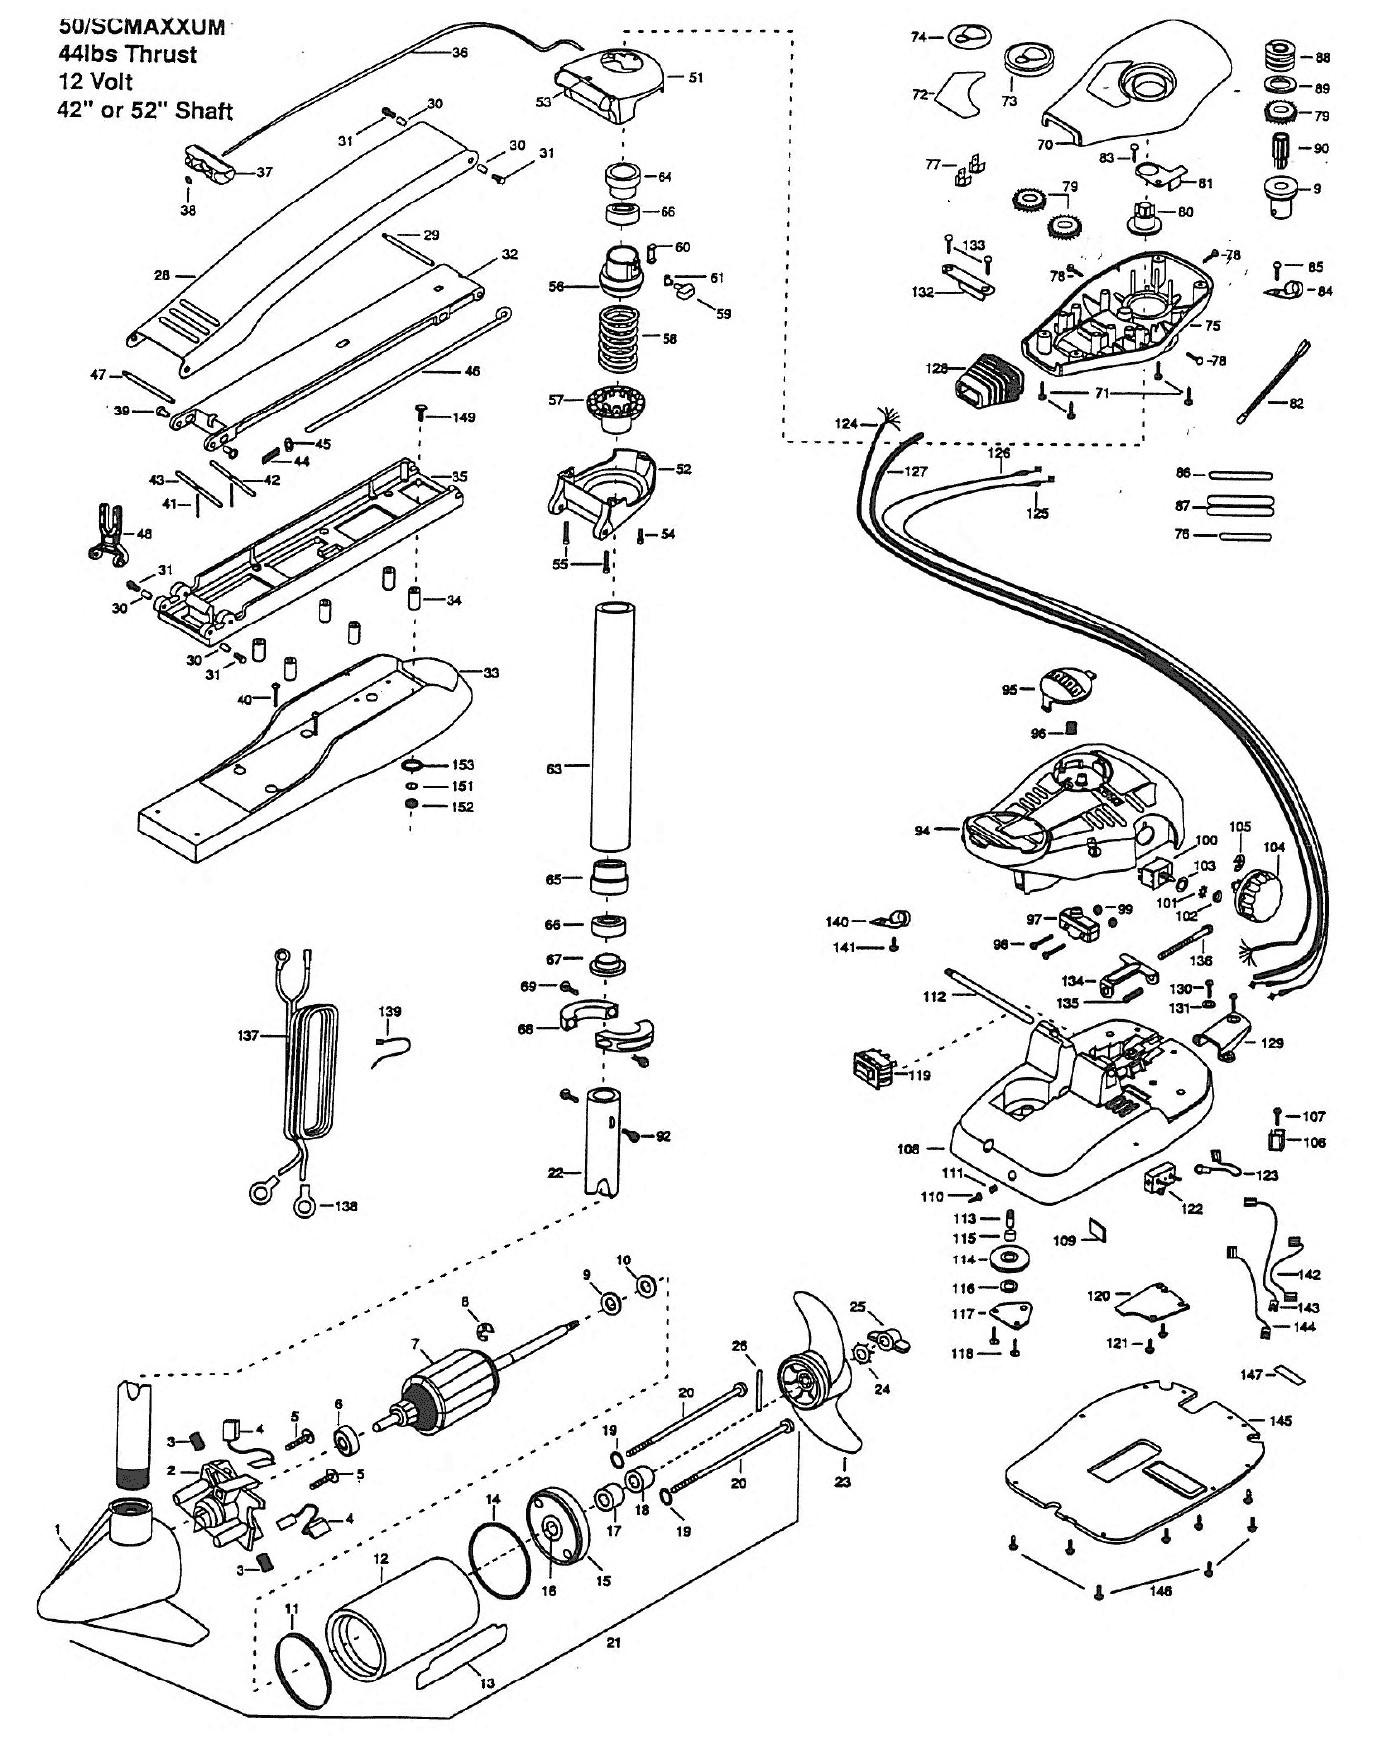 minn kota wiring diagram manual elegant minn kota maxxum 50 sc 42 inch parts 1999 from fish307 of minn kota wiring diagram manual minn kota maxxum wiring diagram schematics wiring diagrams \u2022